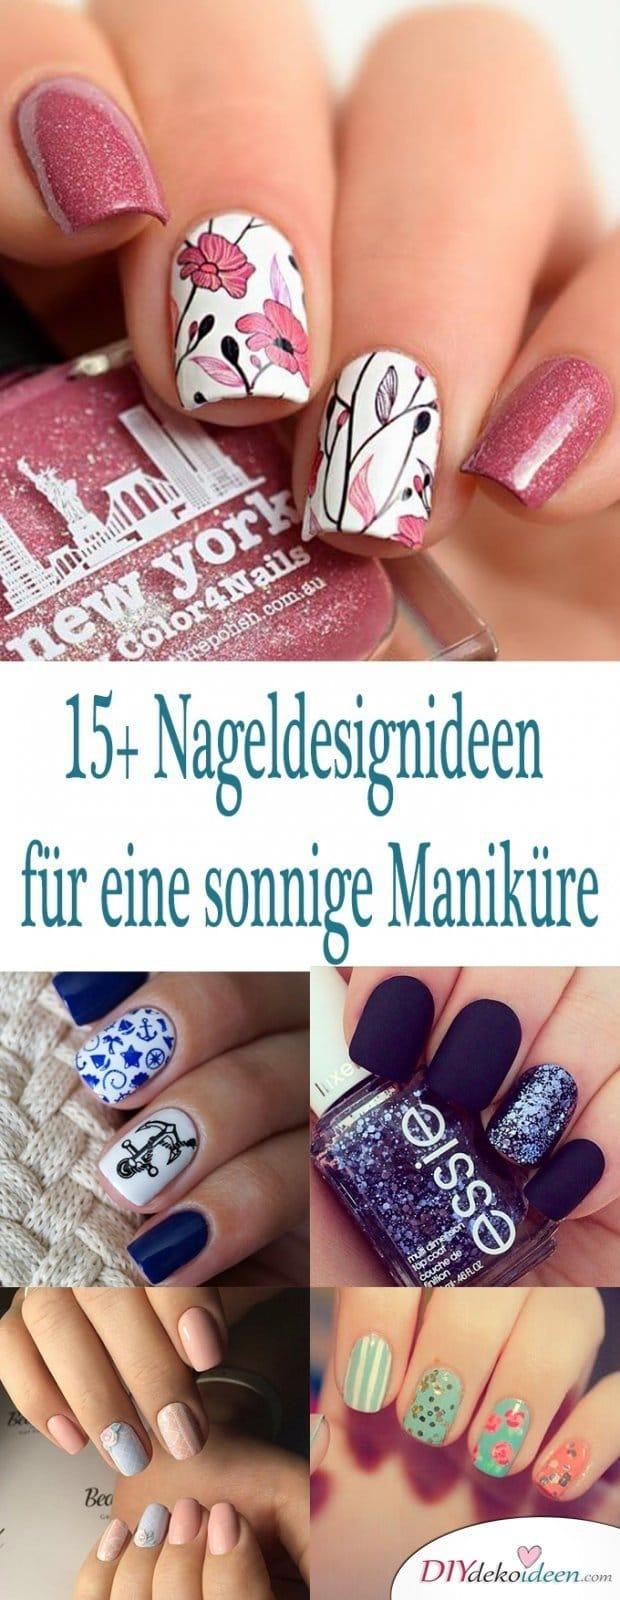 15 + 3 fantastische Nail Design Ideen für sonnige Maniküre